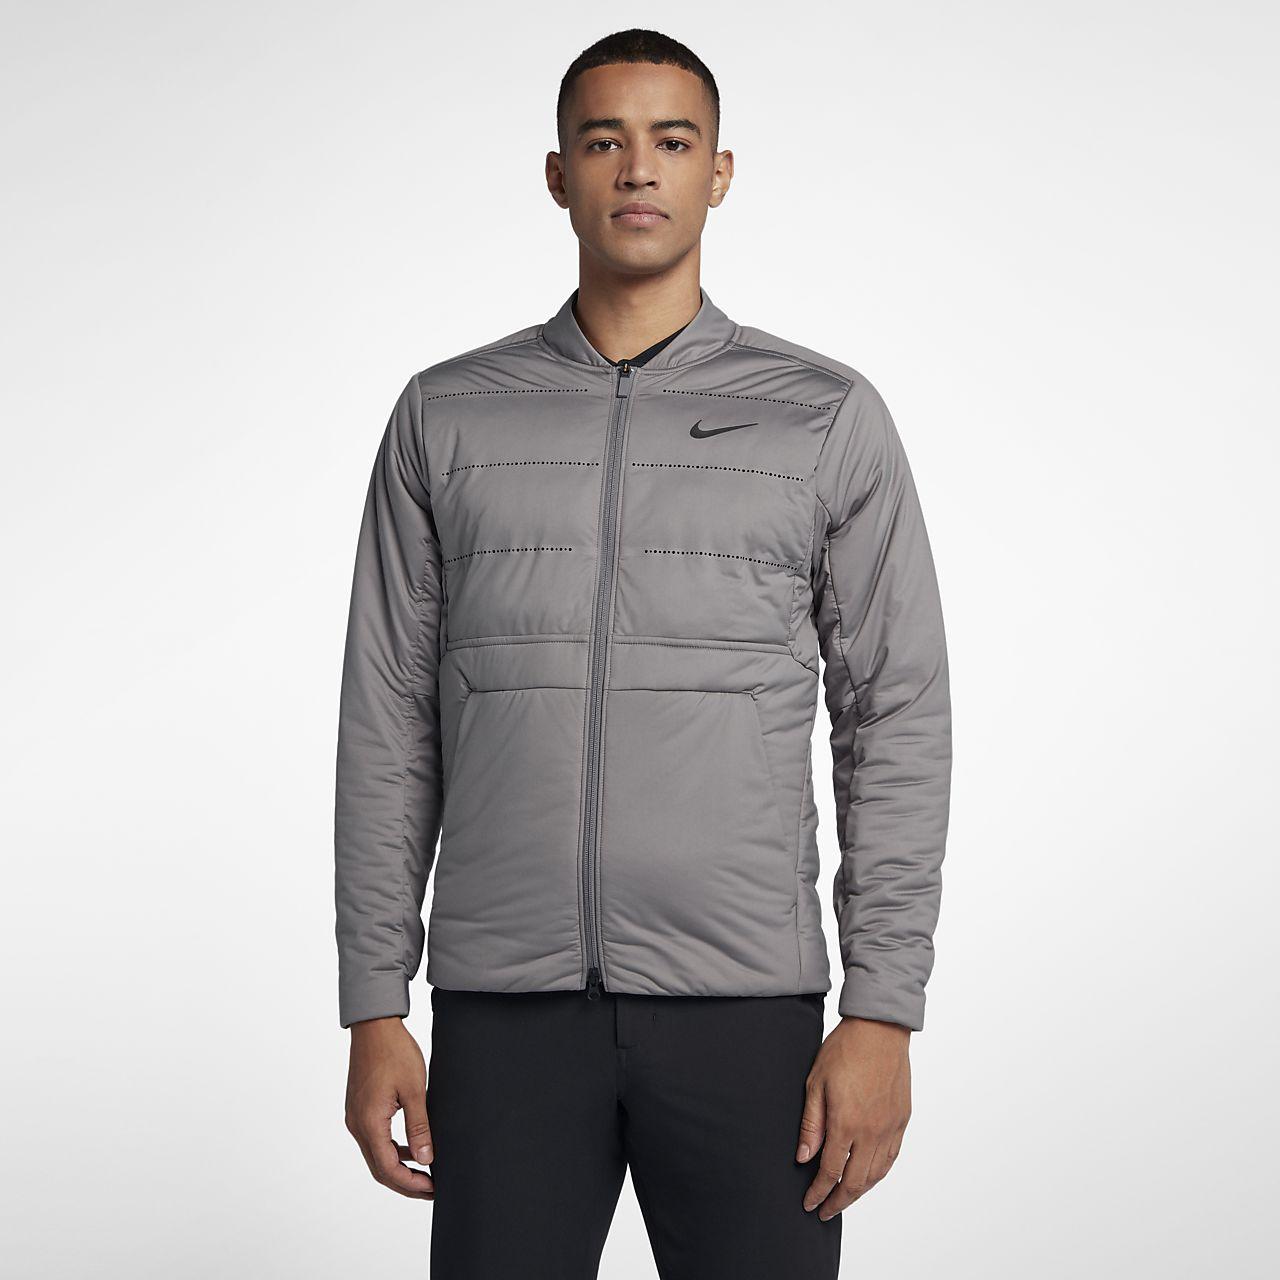 4da25bce5fce Nike AeroLoft Men s Golf Jacket. Nike.com FI